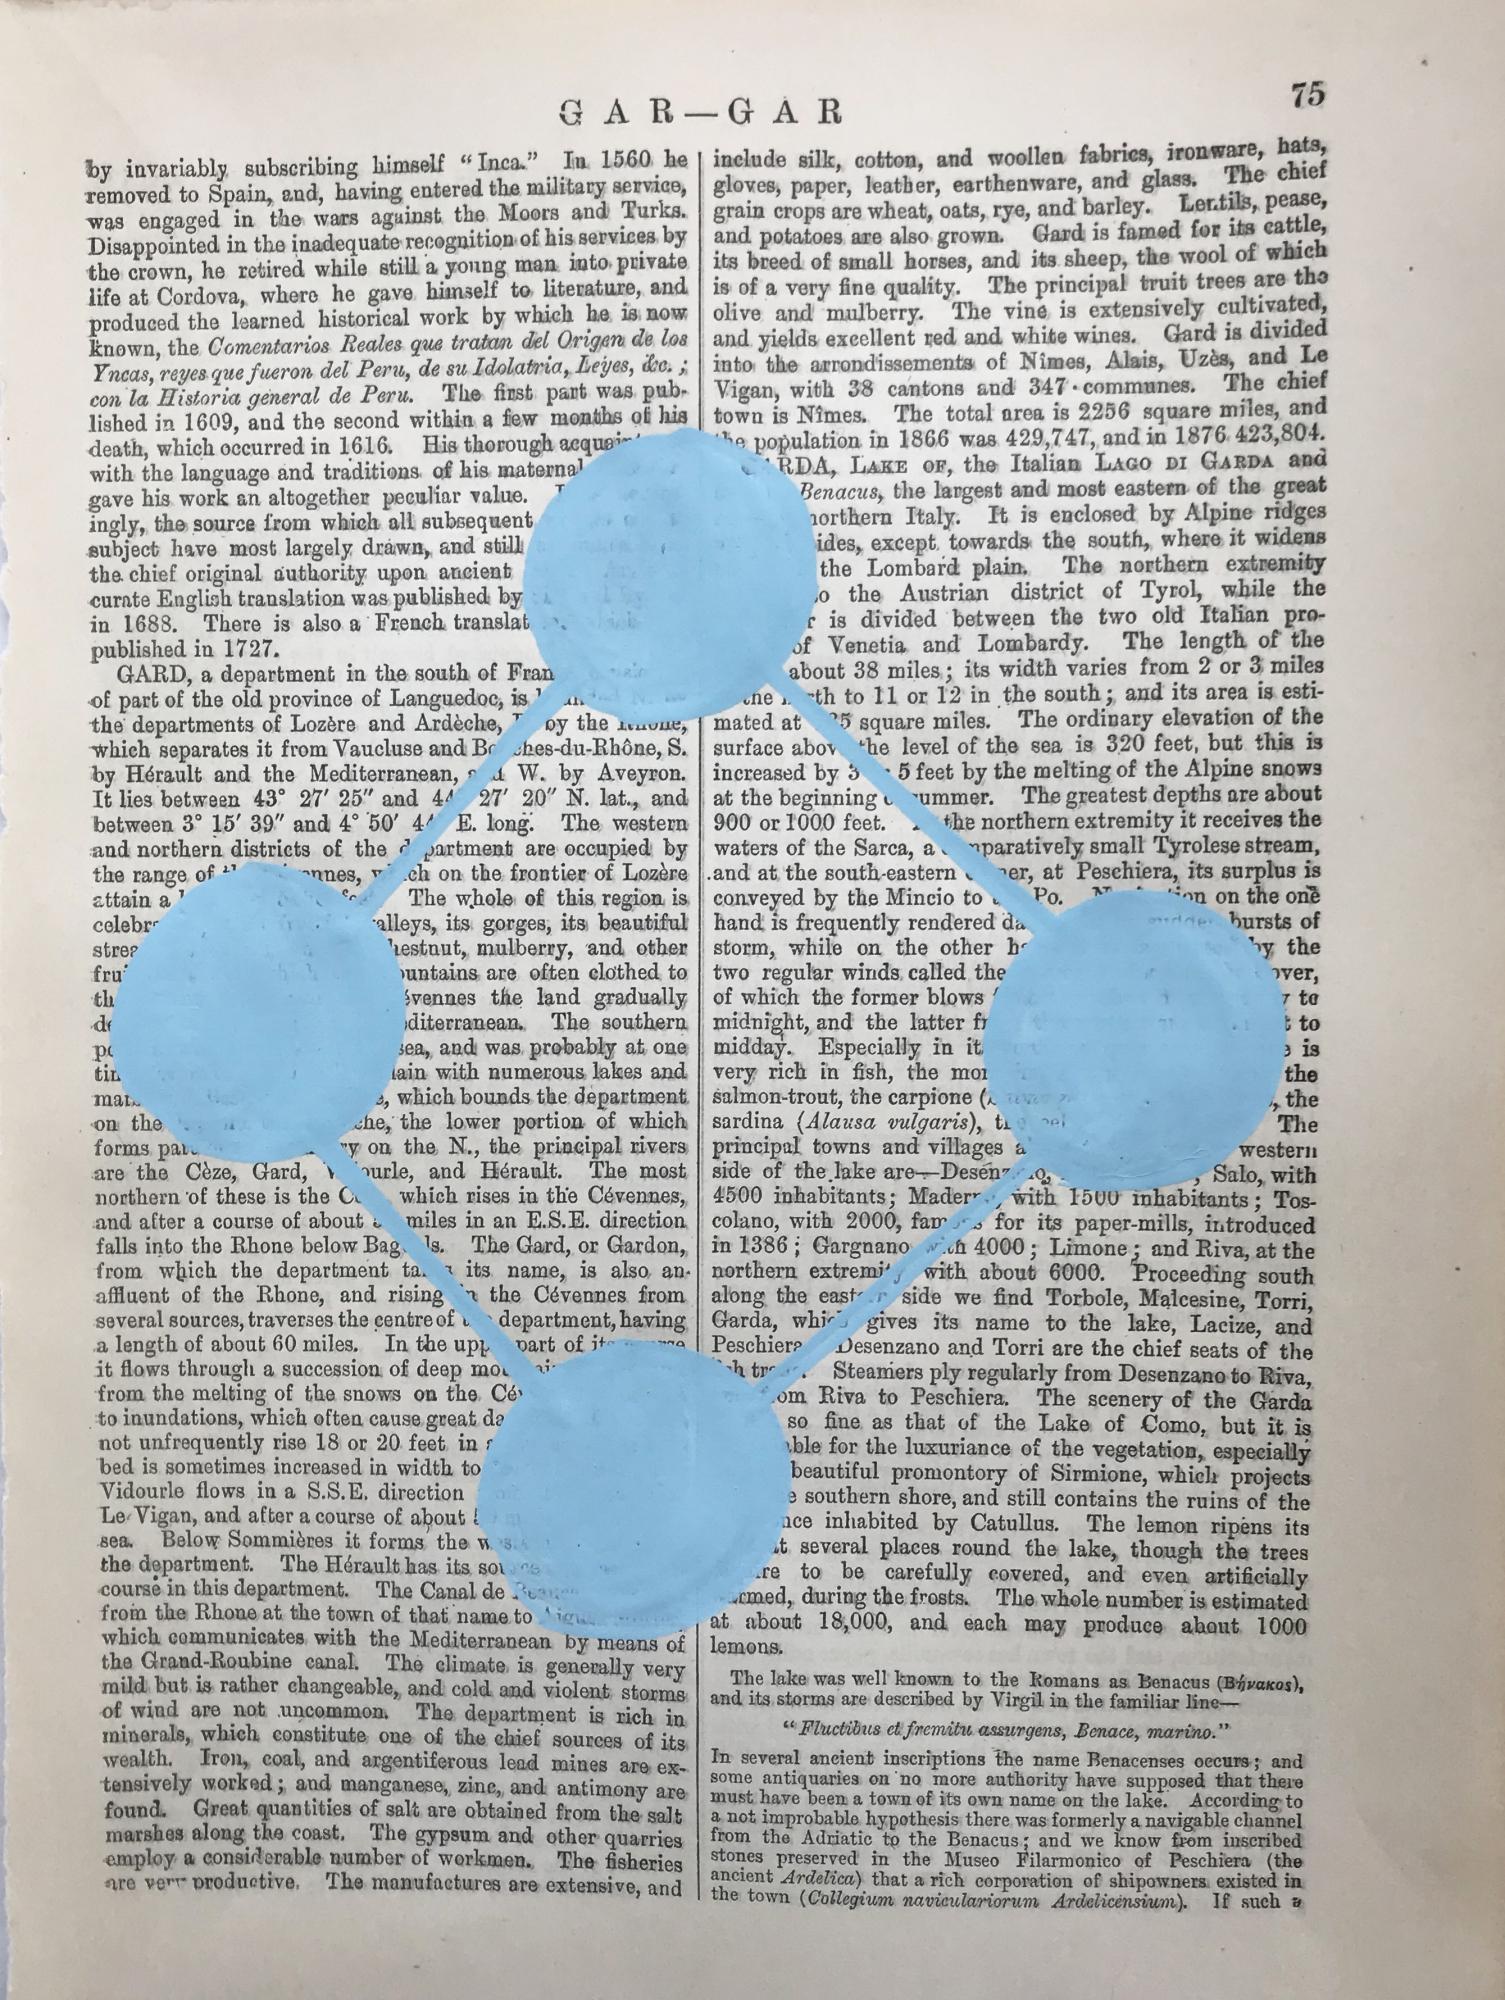 Gar Gar Blue 75 by Michela Sorrentino